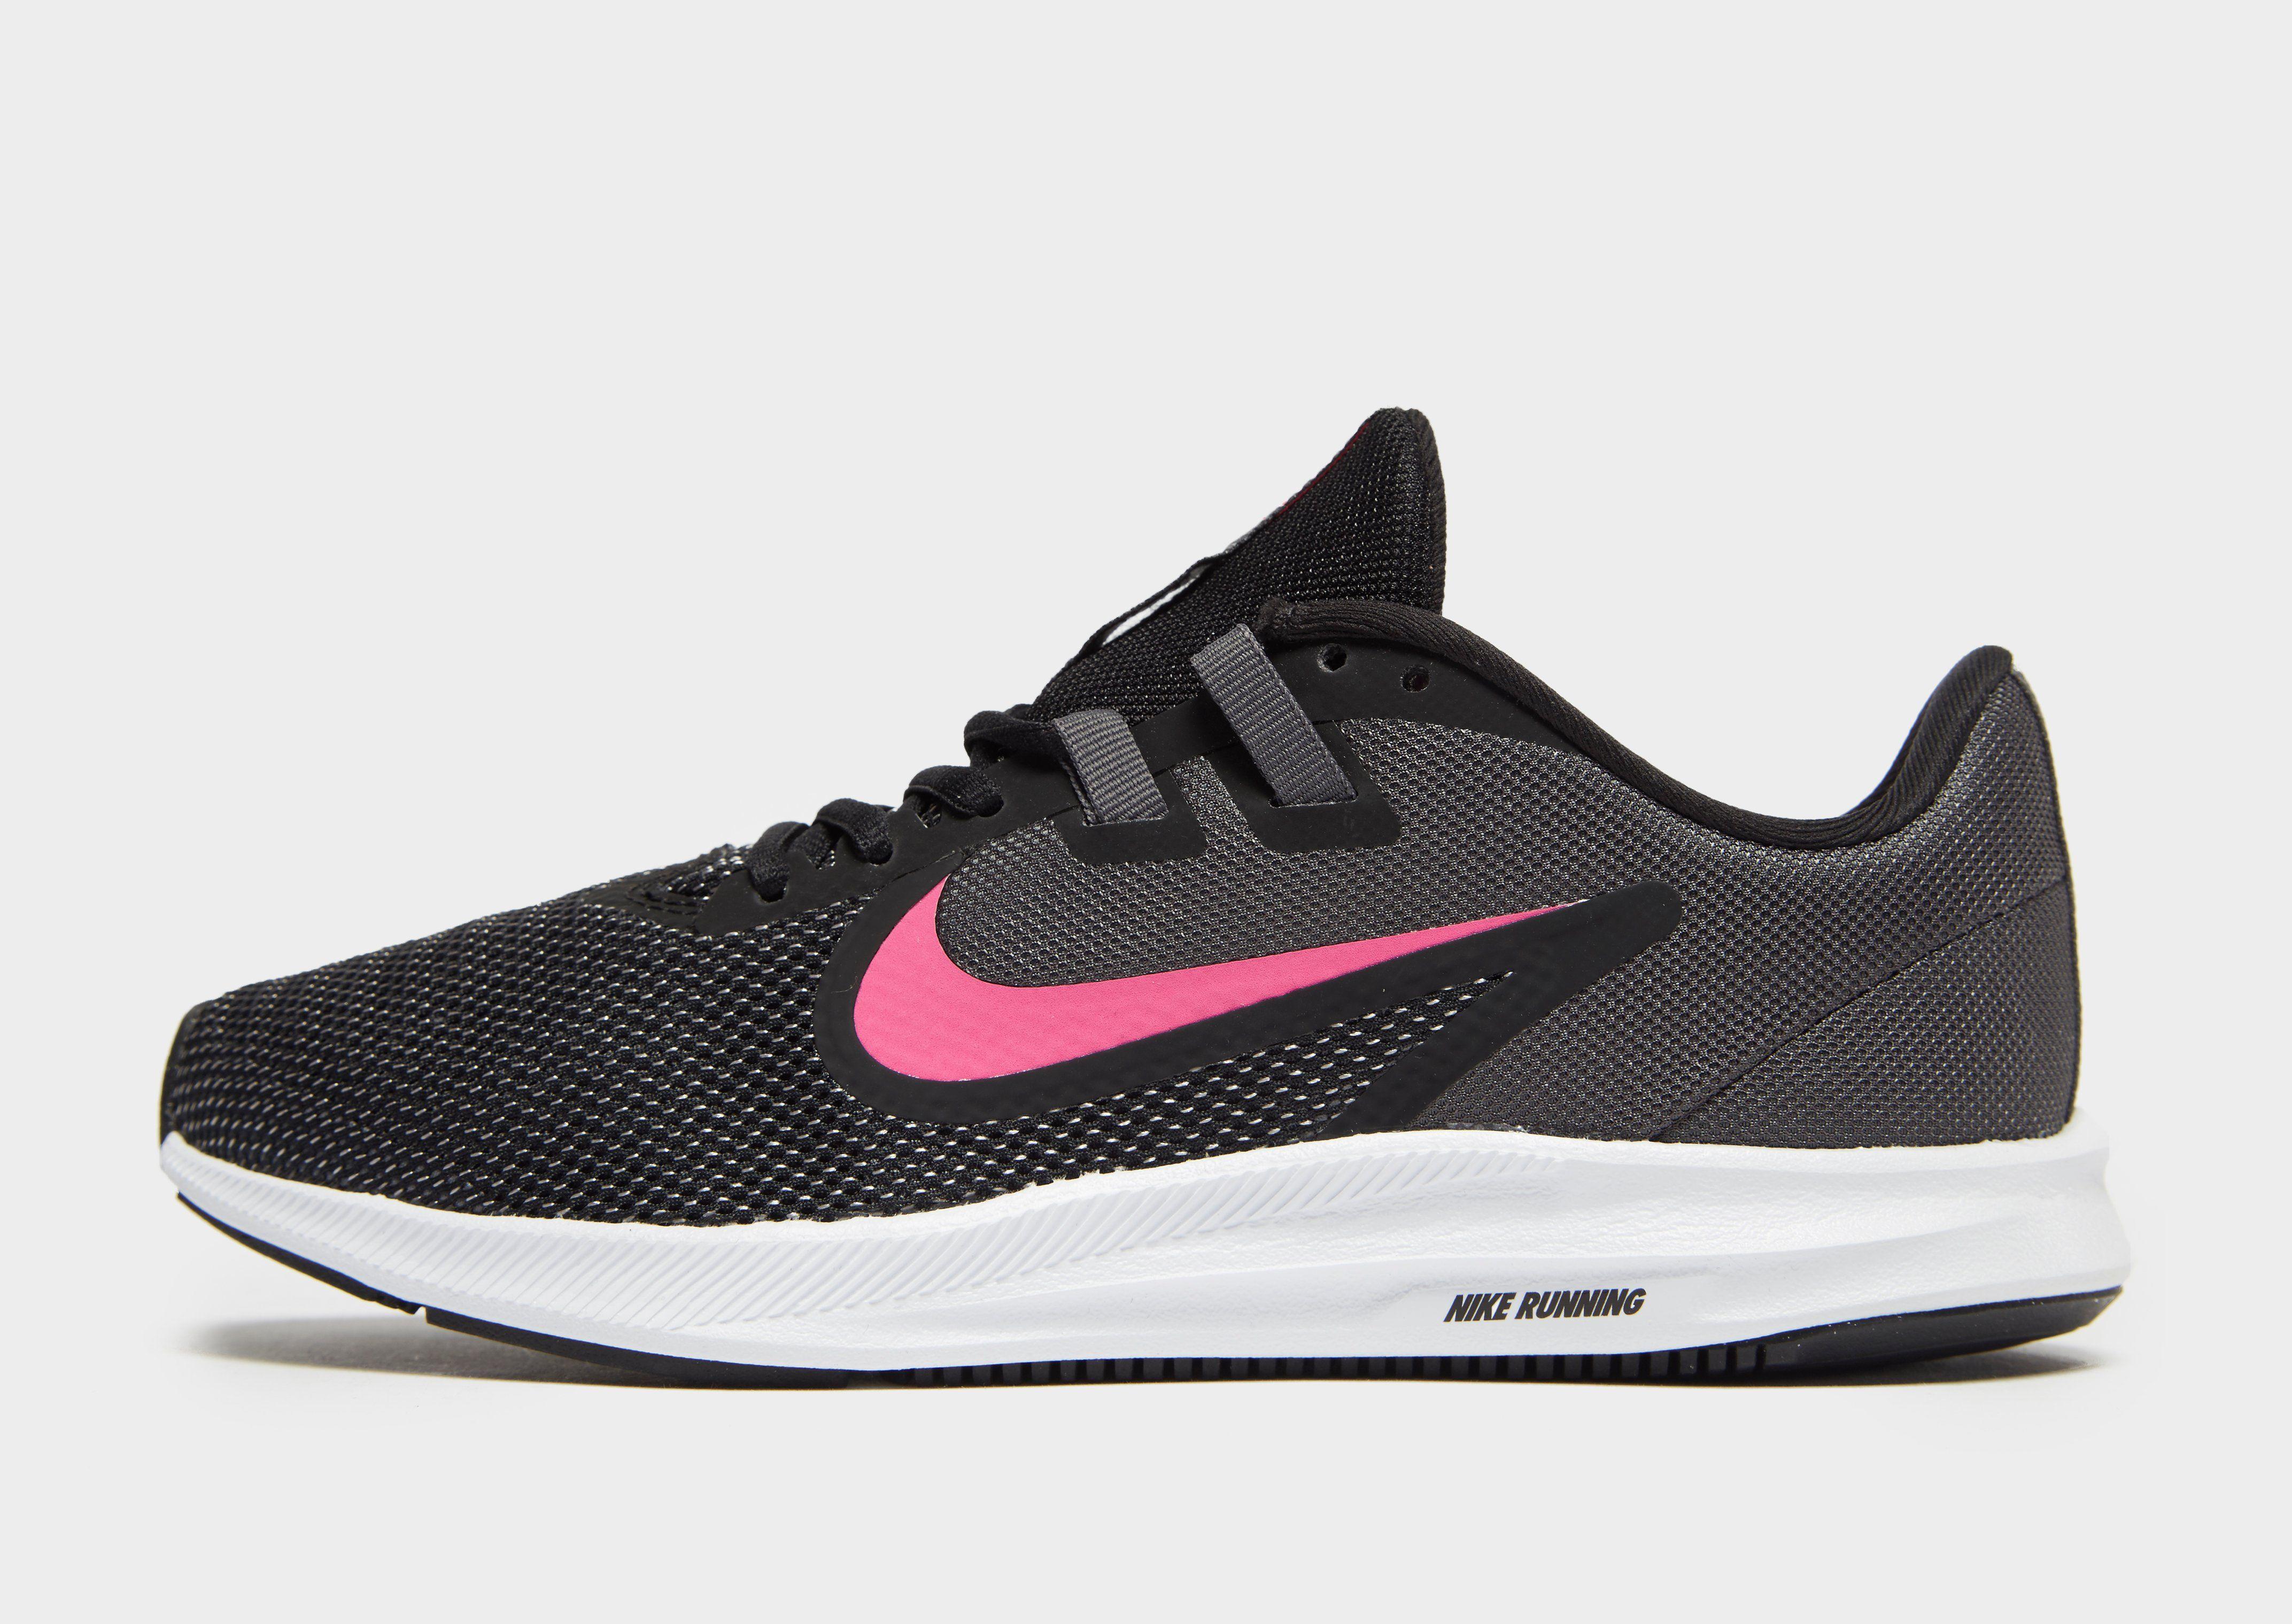 c75af11a65baf Nike Downshifter 9 Women s